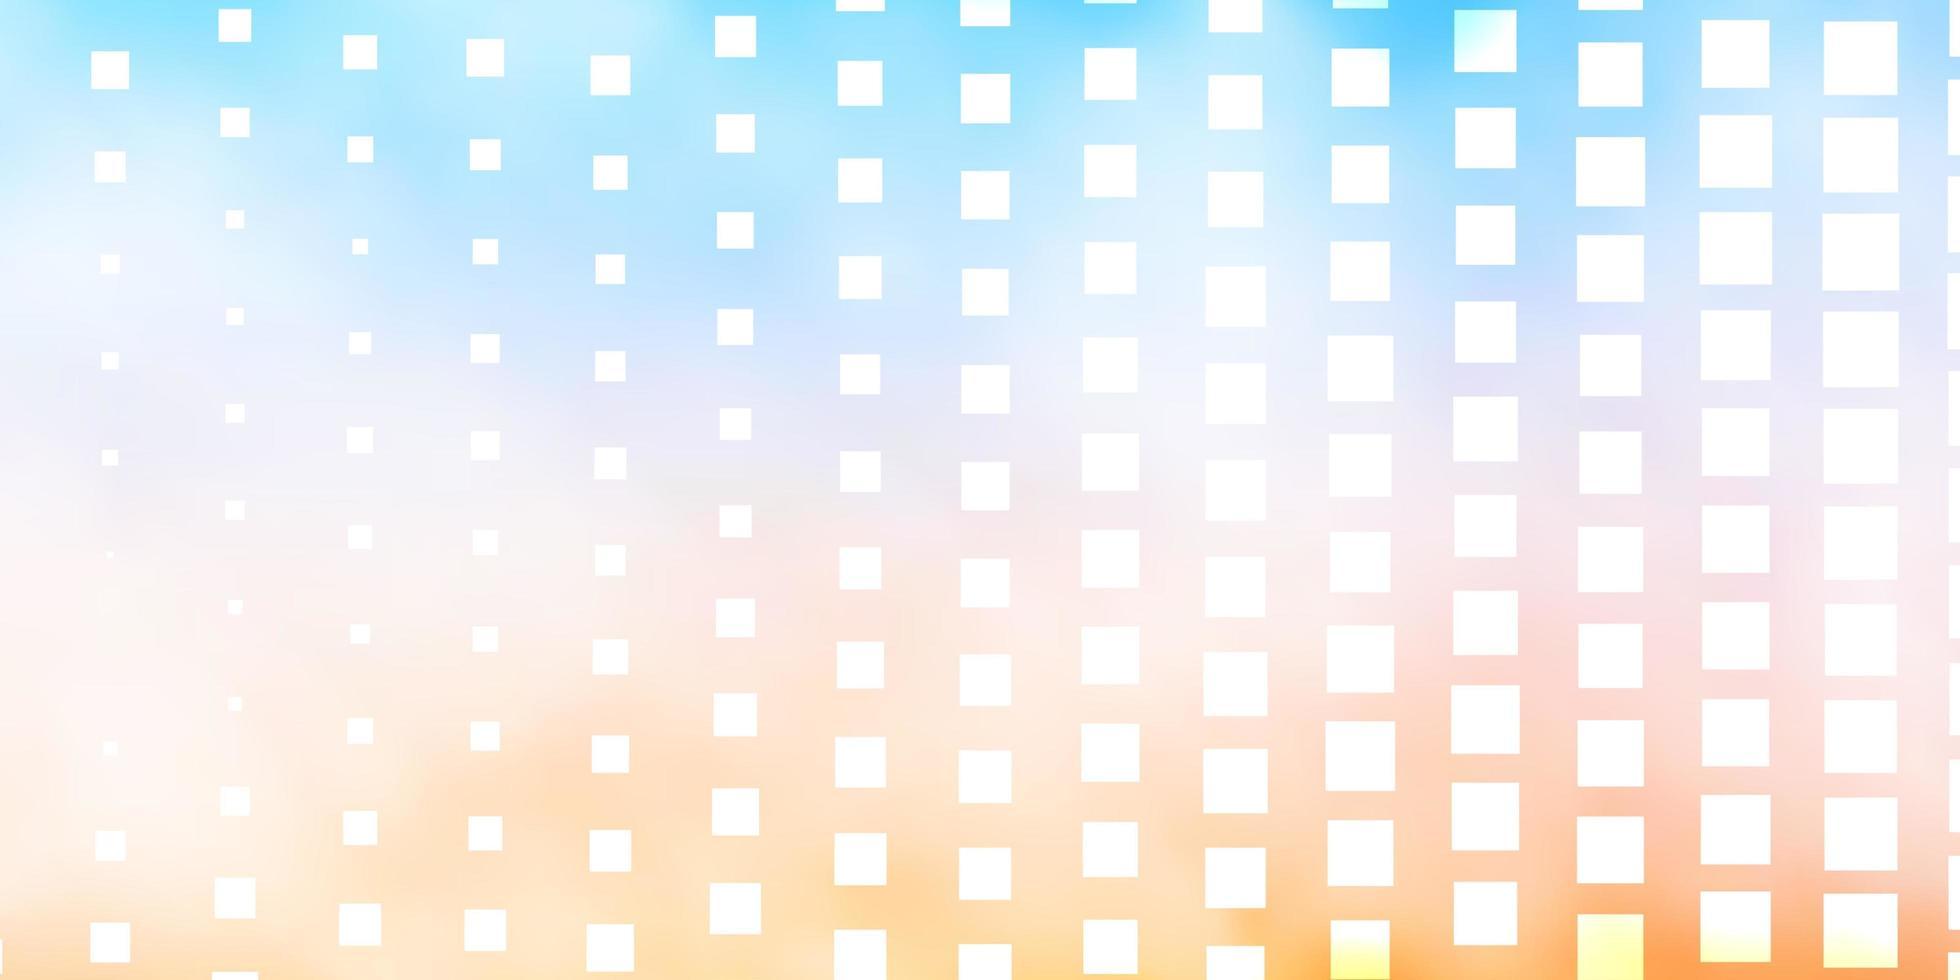 lichtblauw, geel sjabloon met rechthoeken. vector